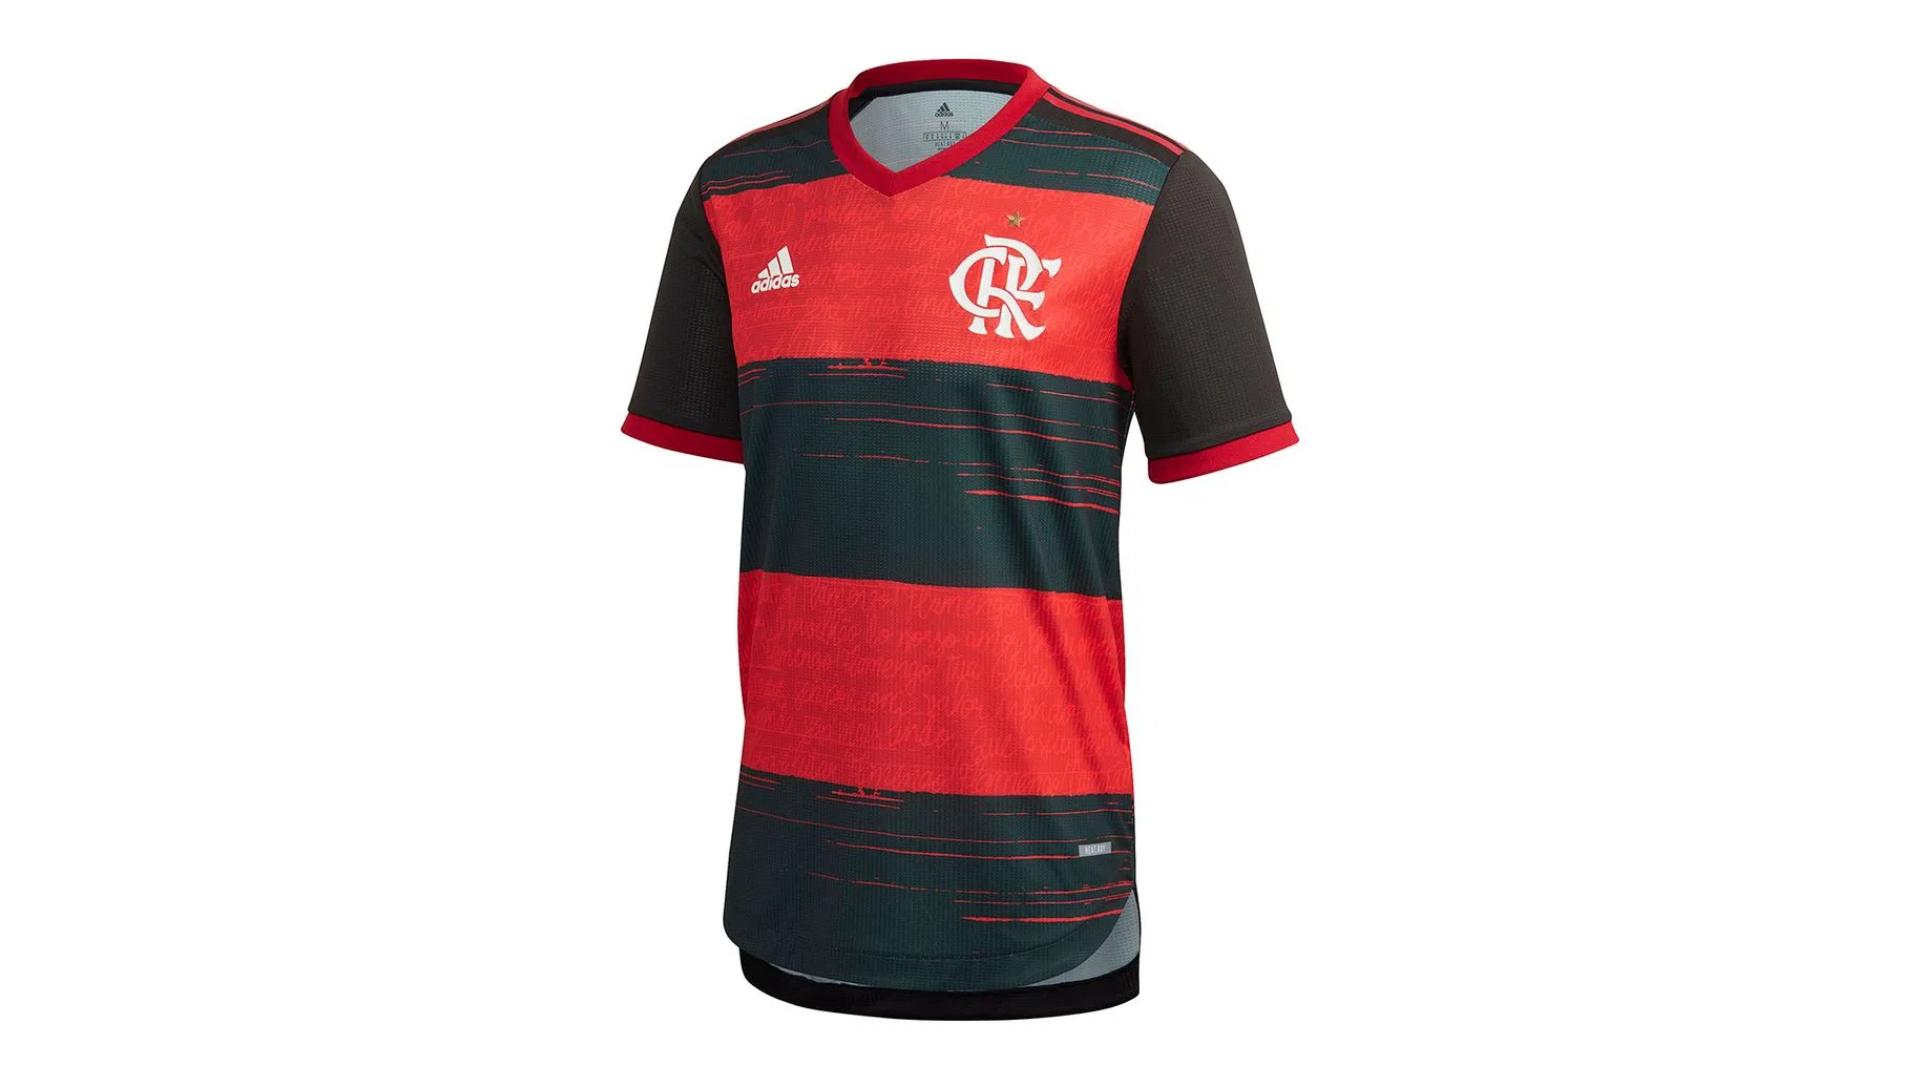 Camisa do Flamengo 2020 Adidas Jogo 1 (Imagem: Divulgação/Adidas)